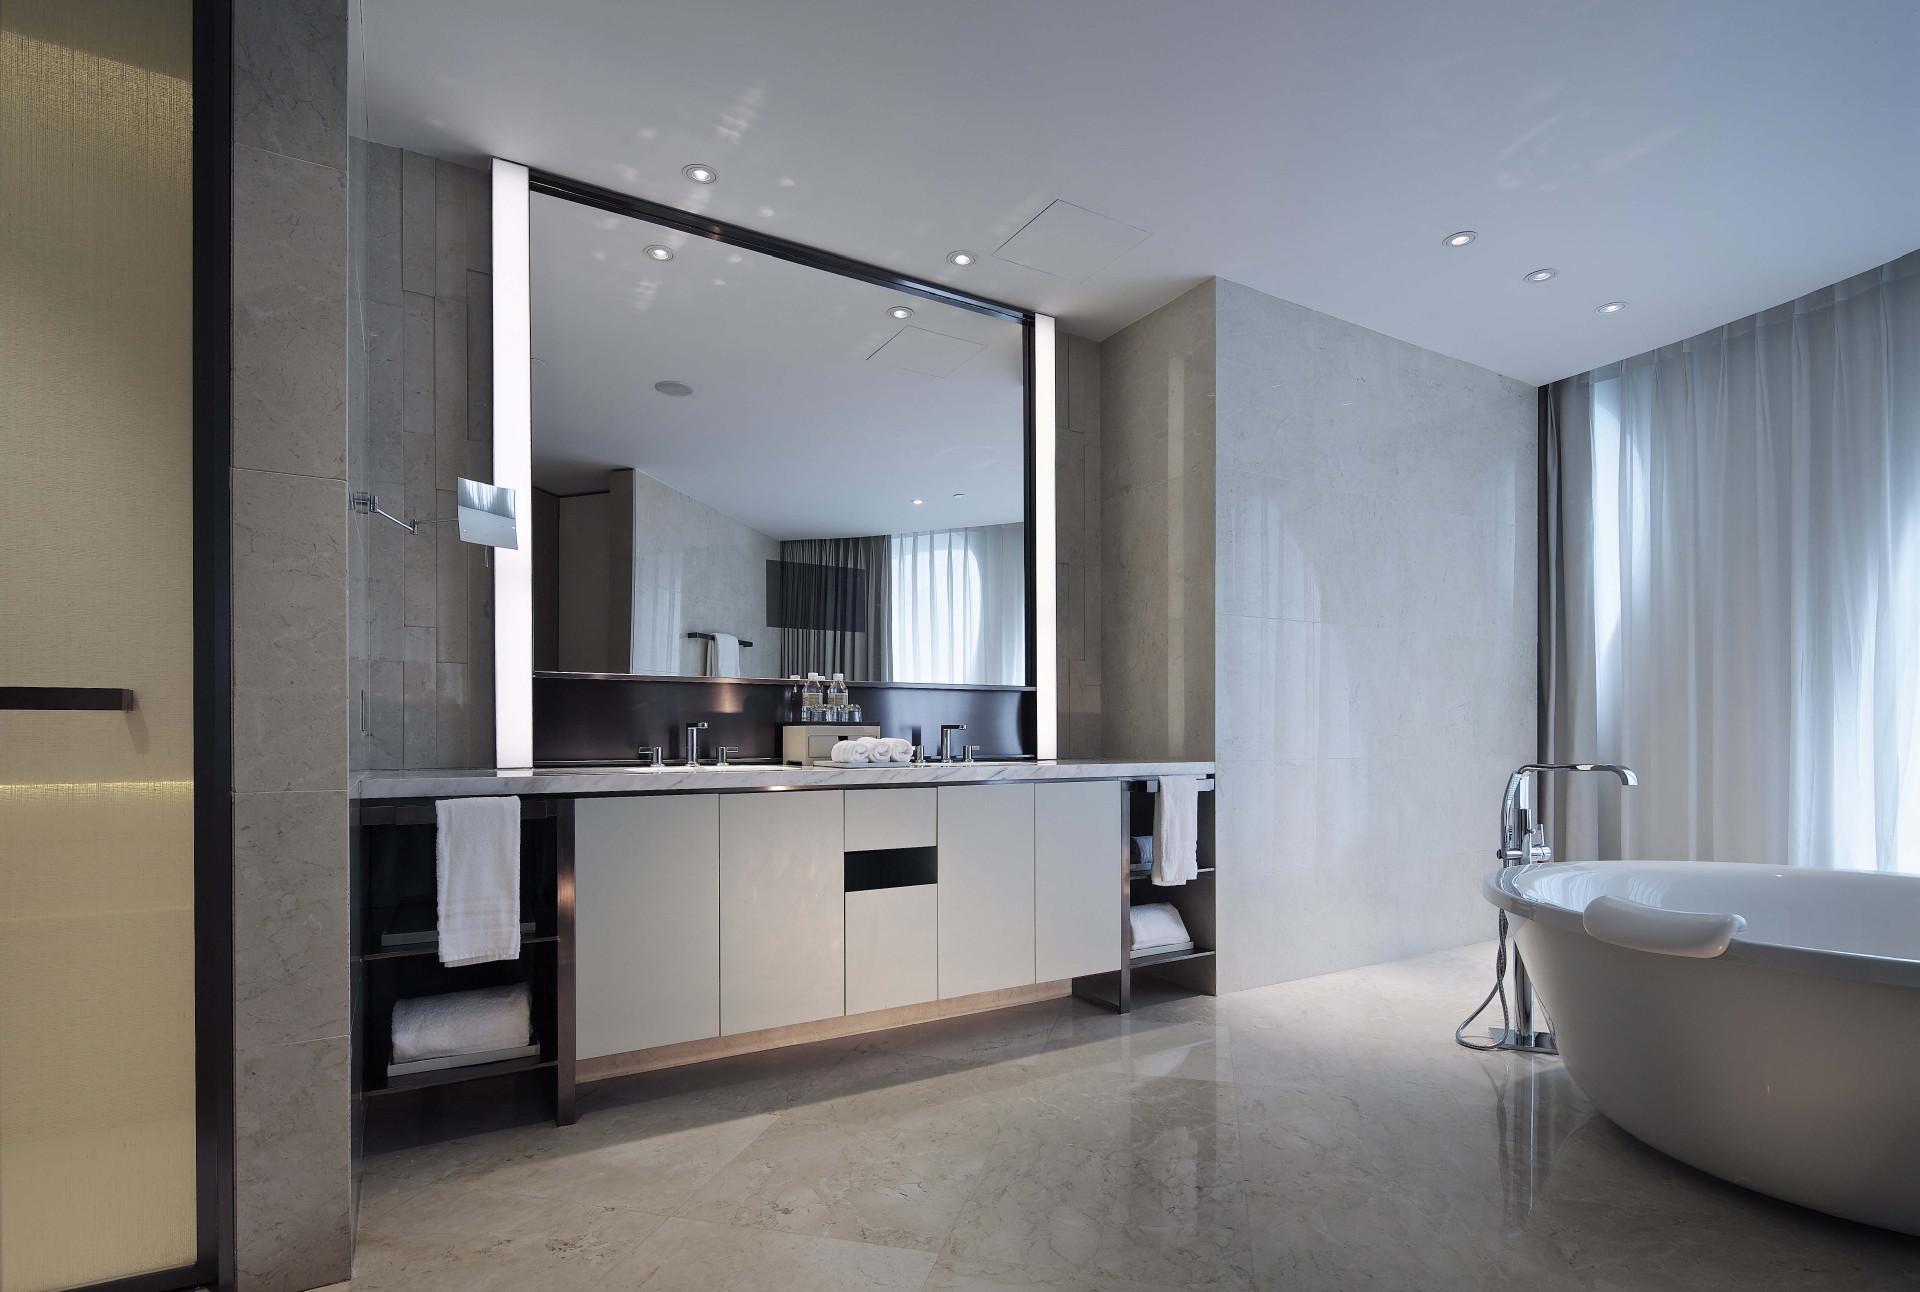 #CatchOnCurates: Futuristic Bathroom Design With Teo Su Seam Of LTW